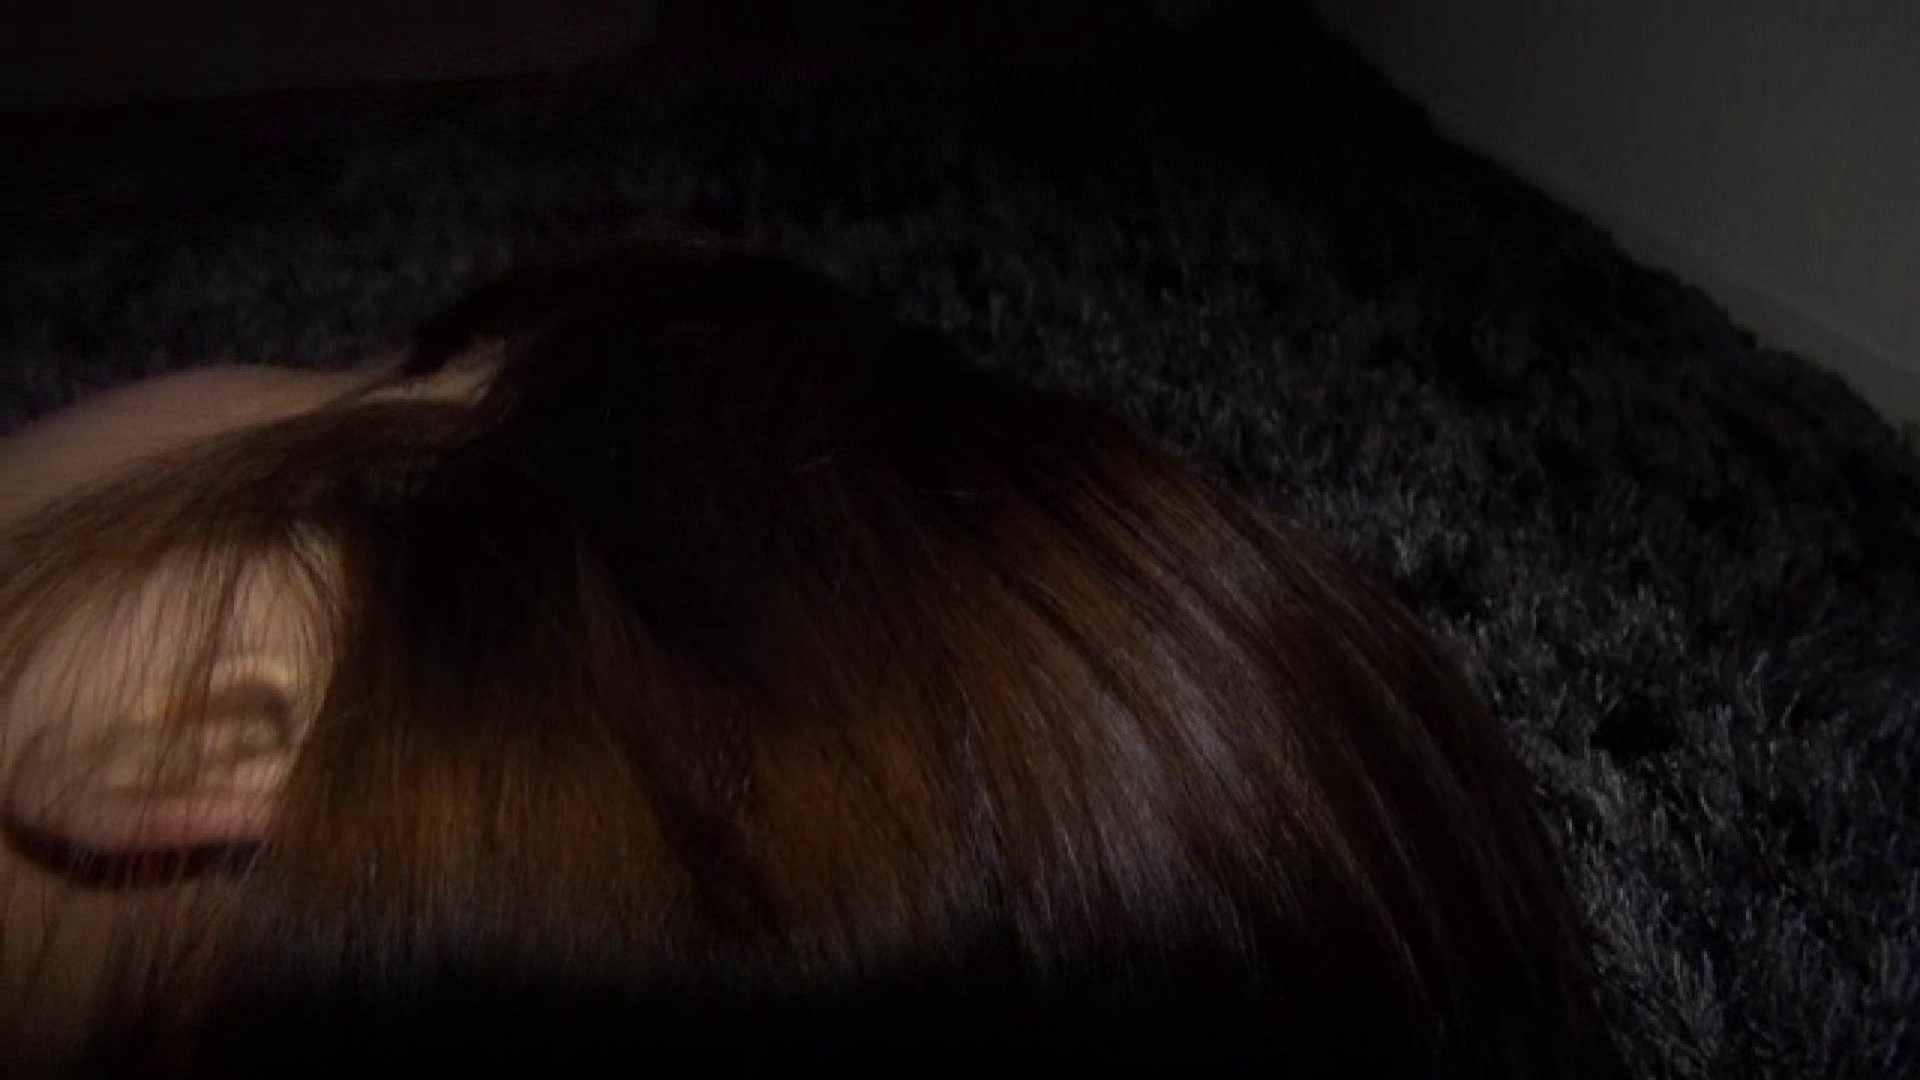 エロ娘達の反乱 Vol.04 美しいOLの裸体 | マンコ・ムレムレ  89pic 61